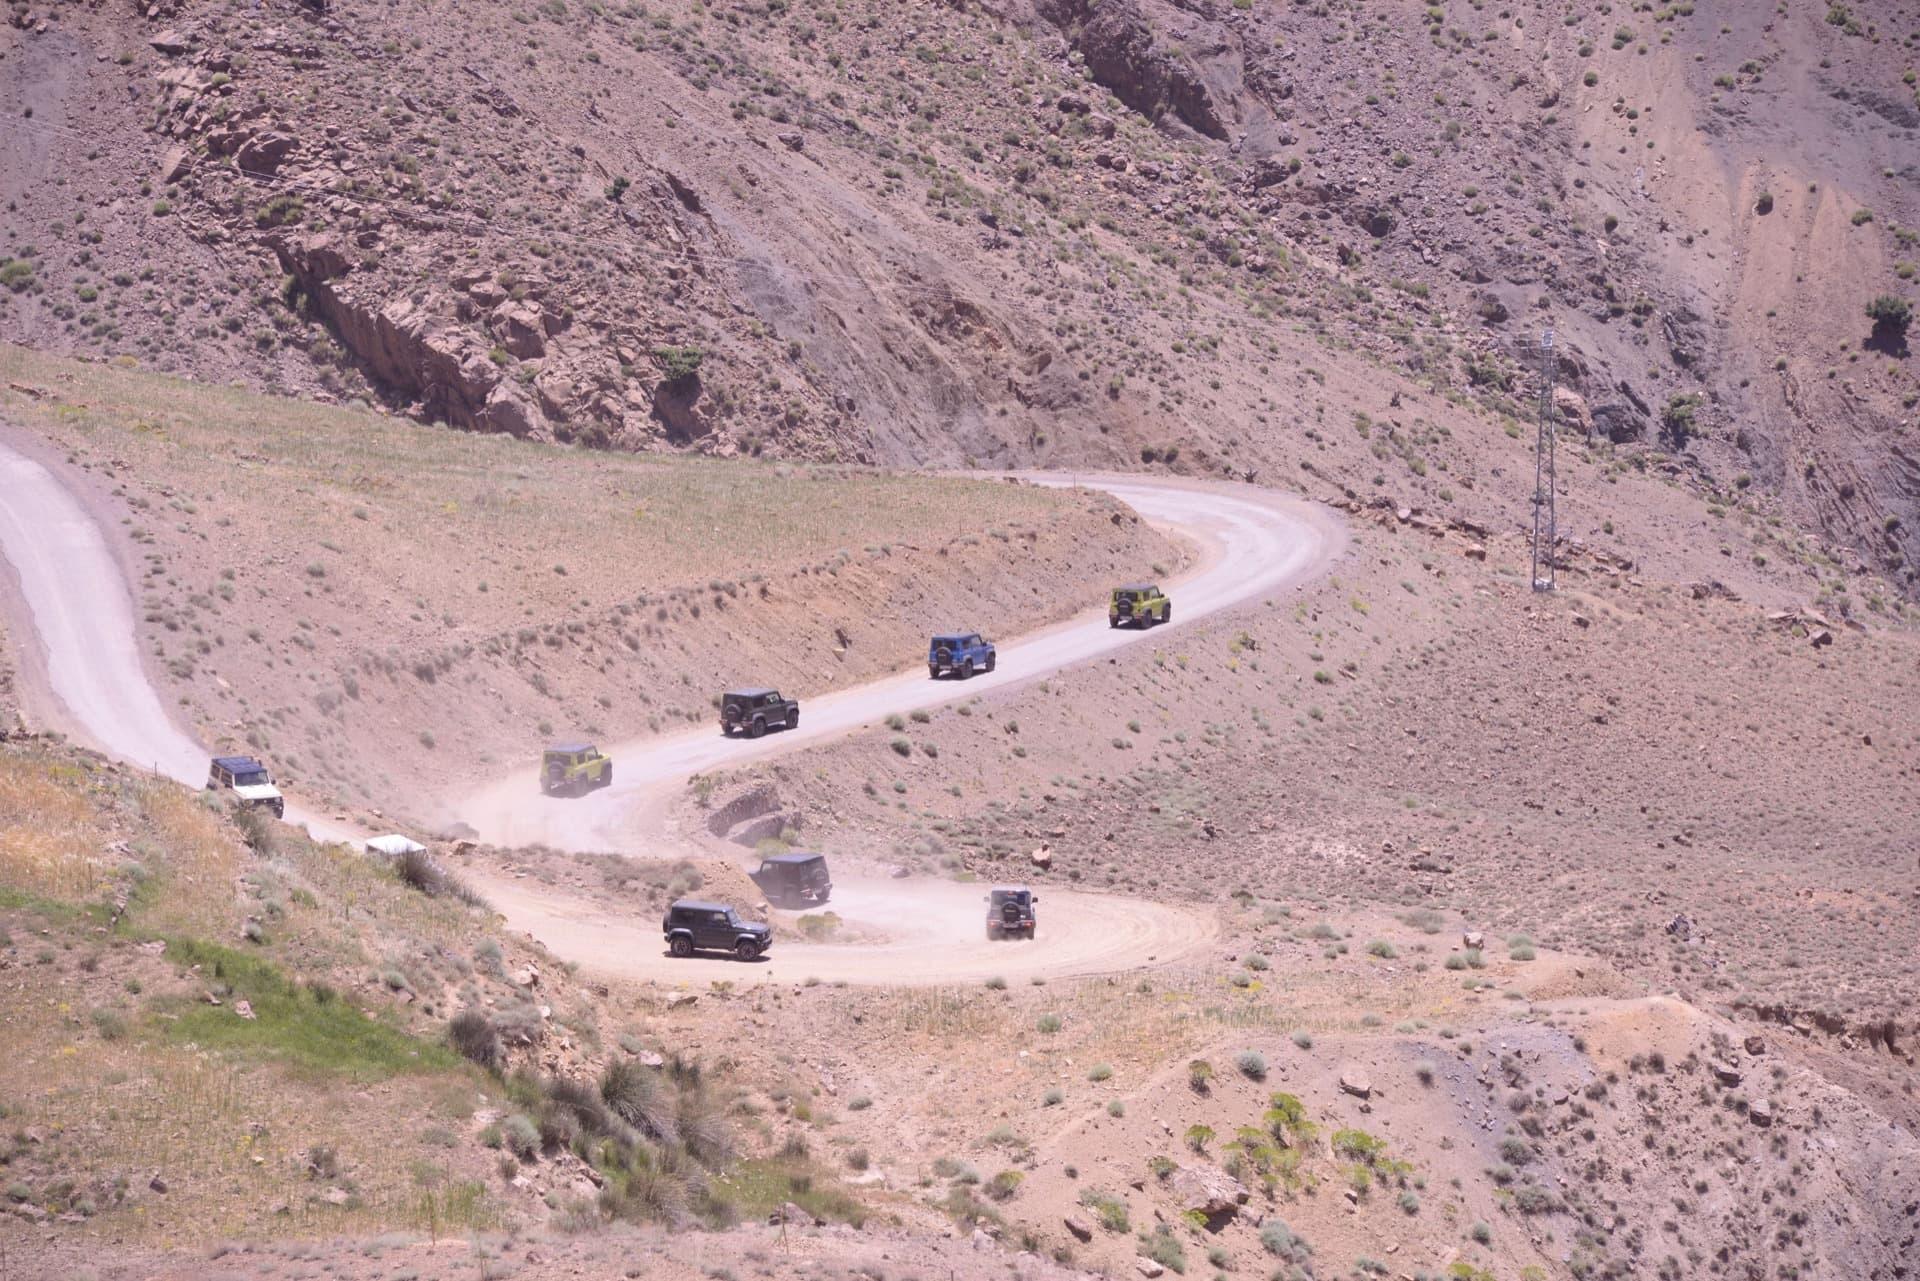 Suzuki Jimny Desert Experience 2019 00006